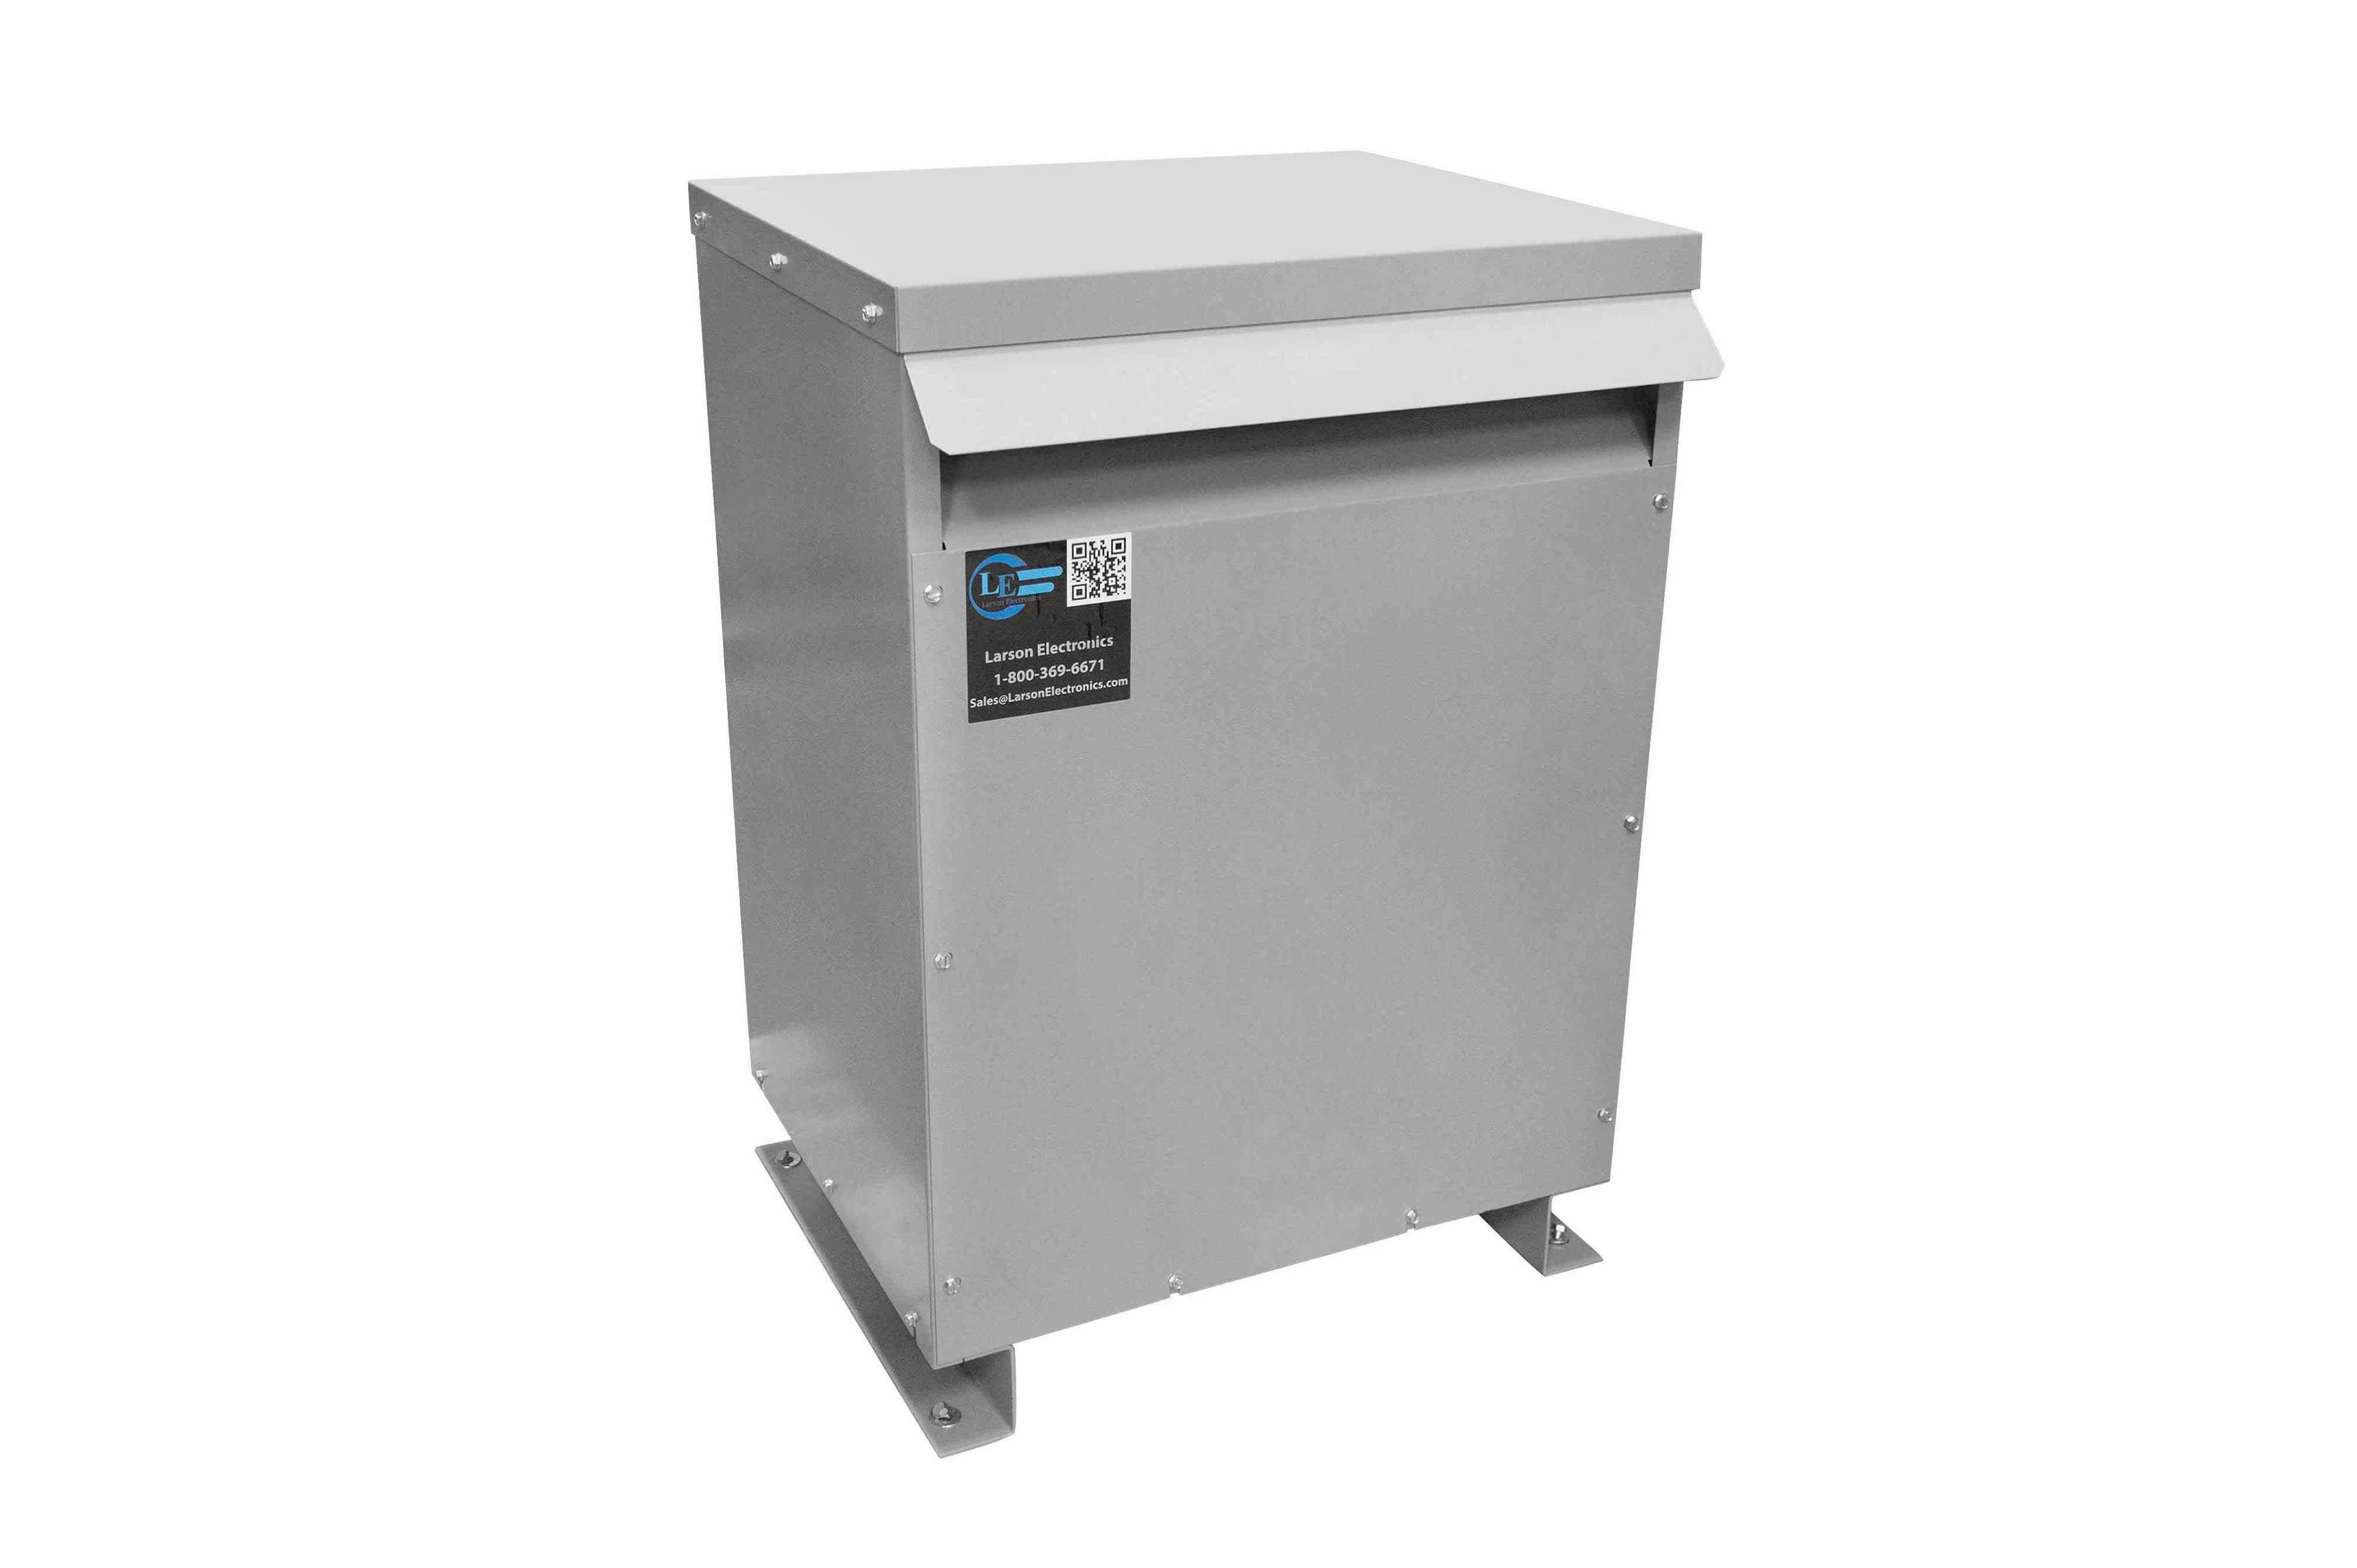 900 kVA 3PH Isolation Transformer, 460V Delta Primary, 600V Delta Secondary, N3R, Ventilated, 60 Hz